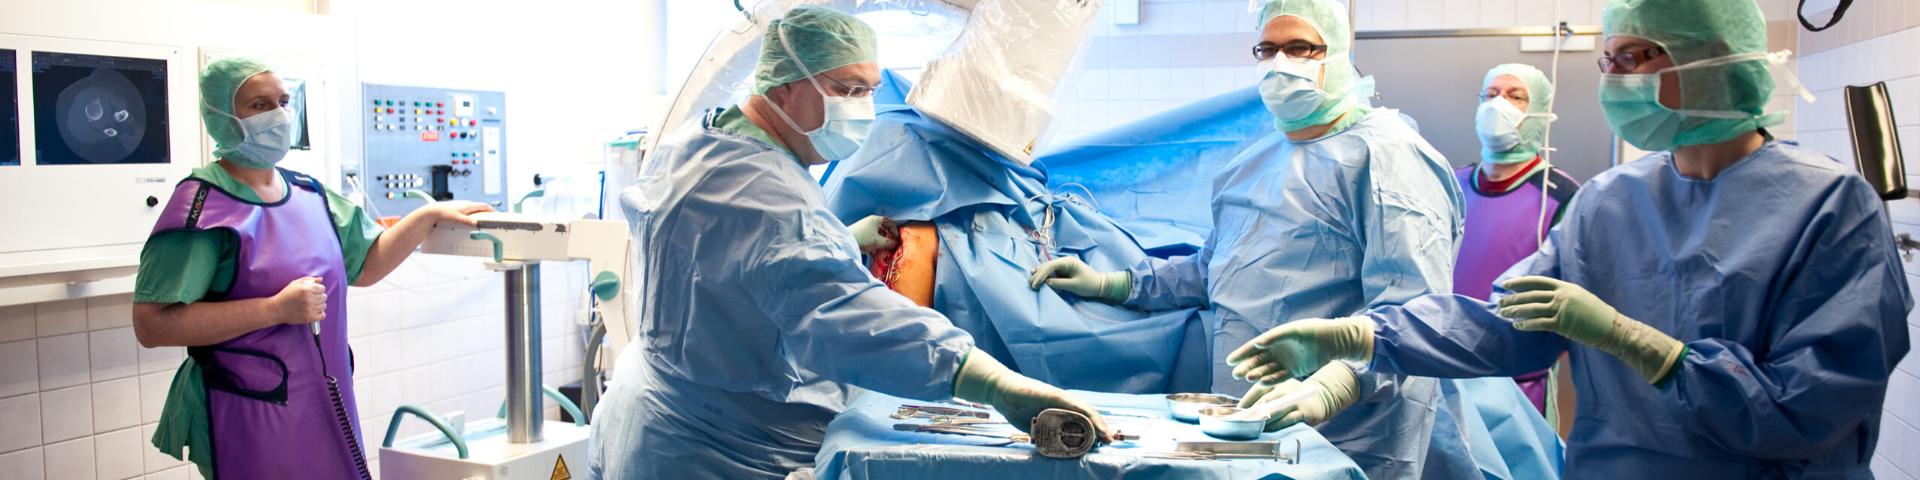 Operationssaal während einer OP